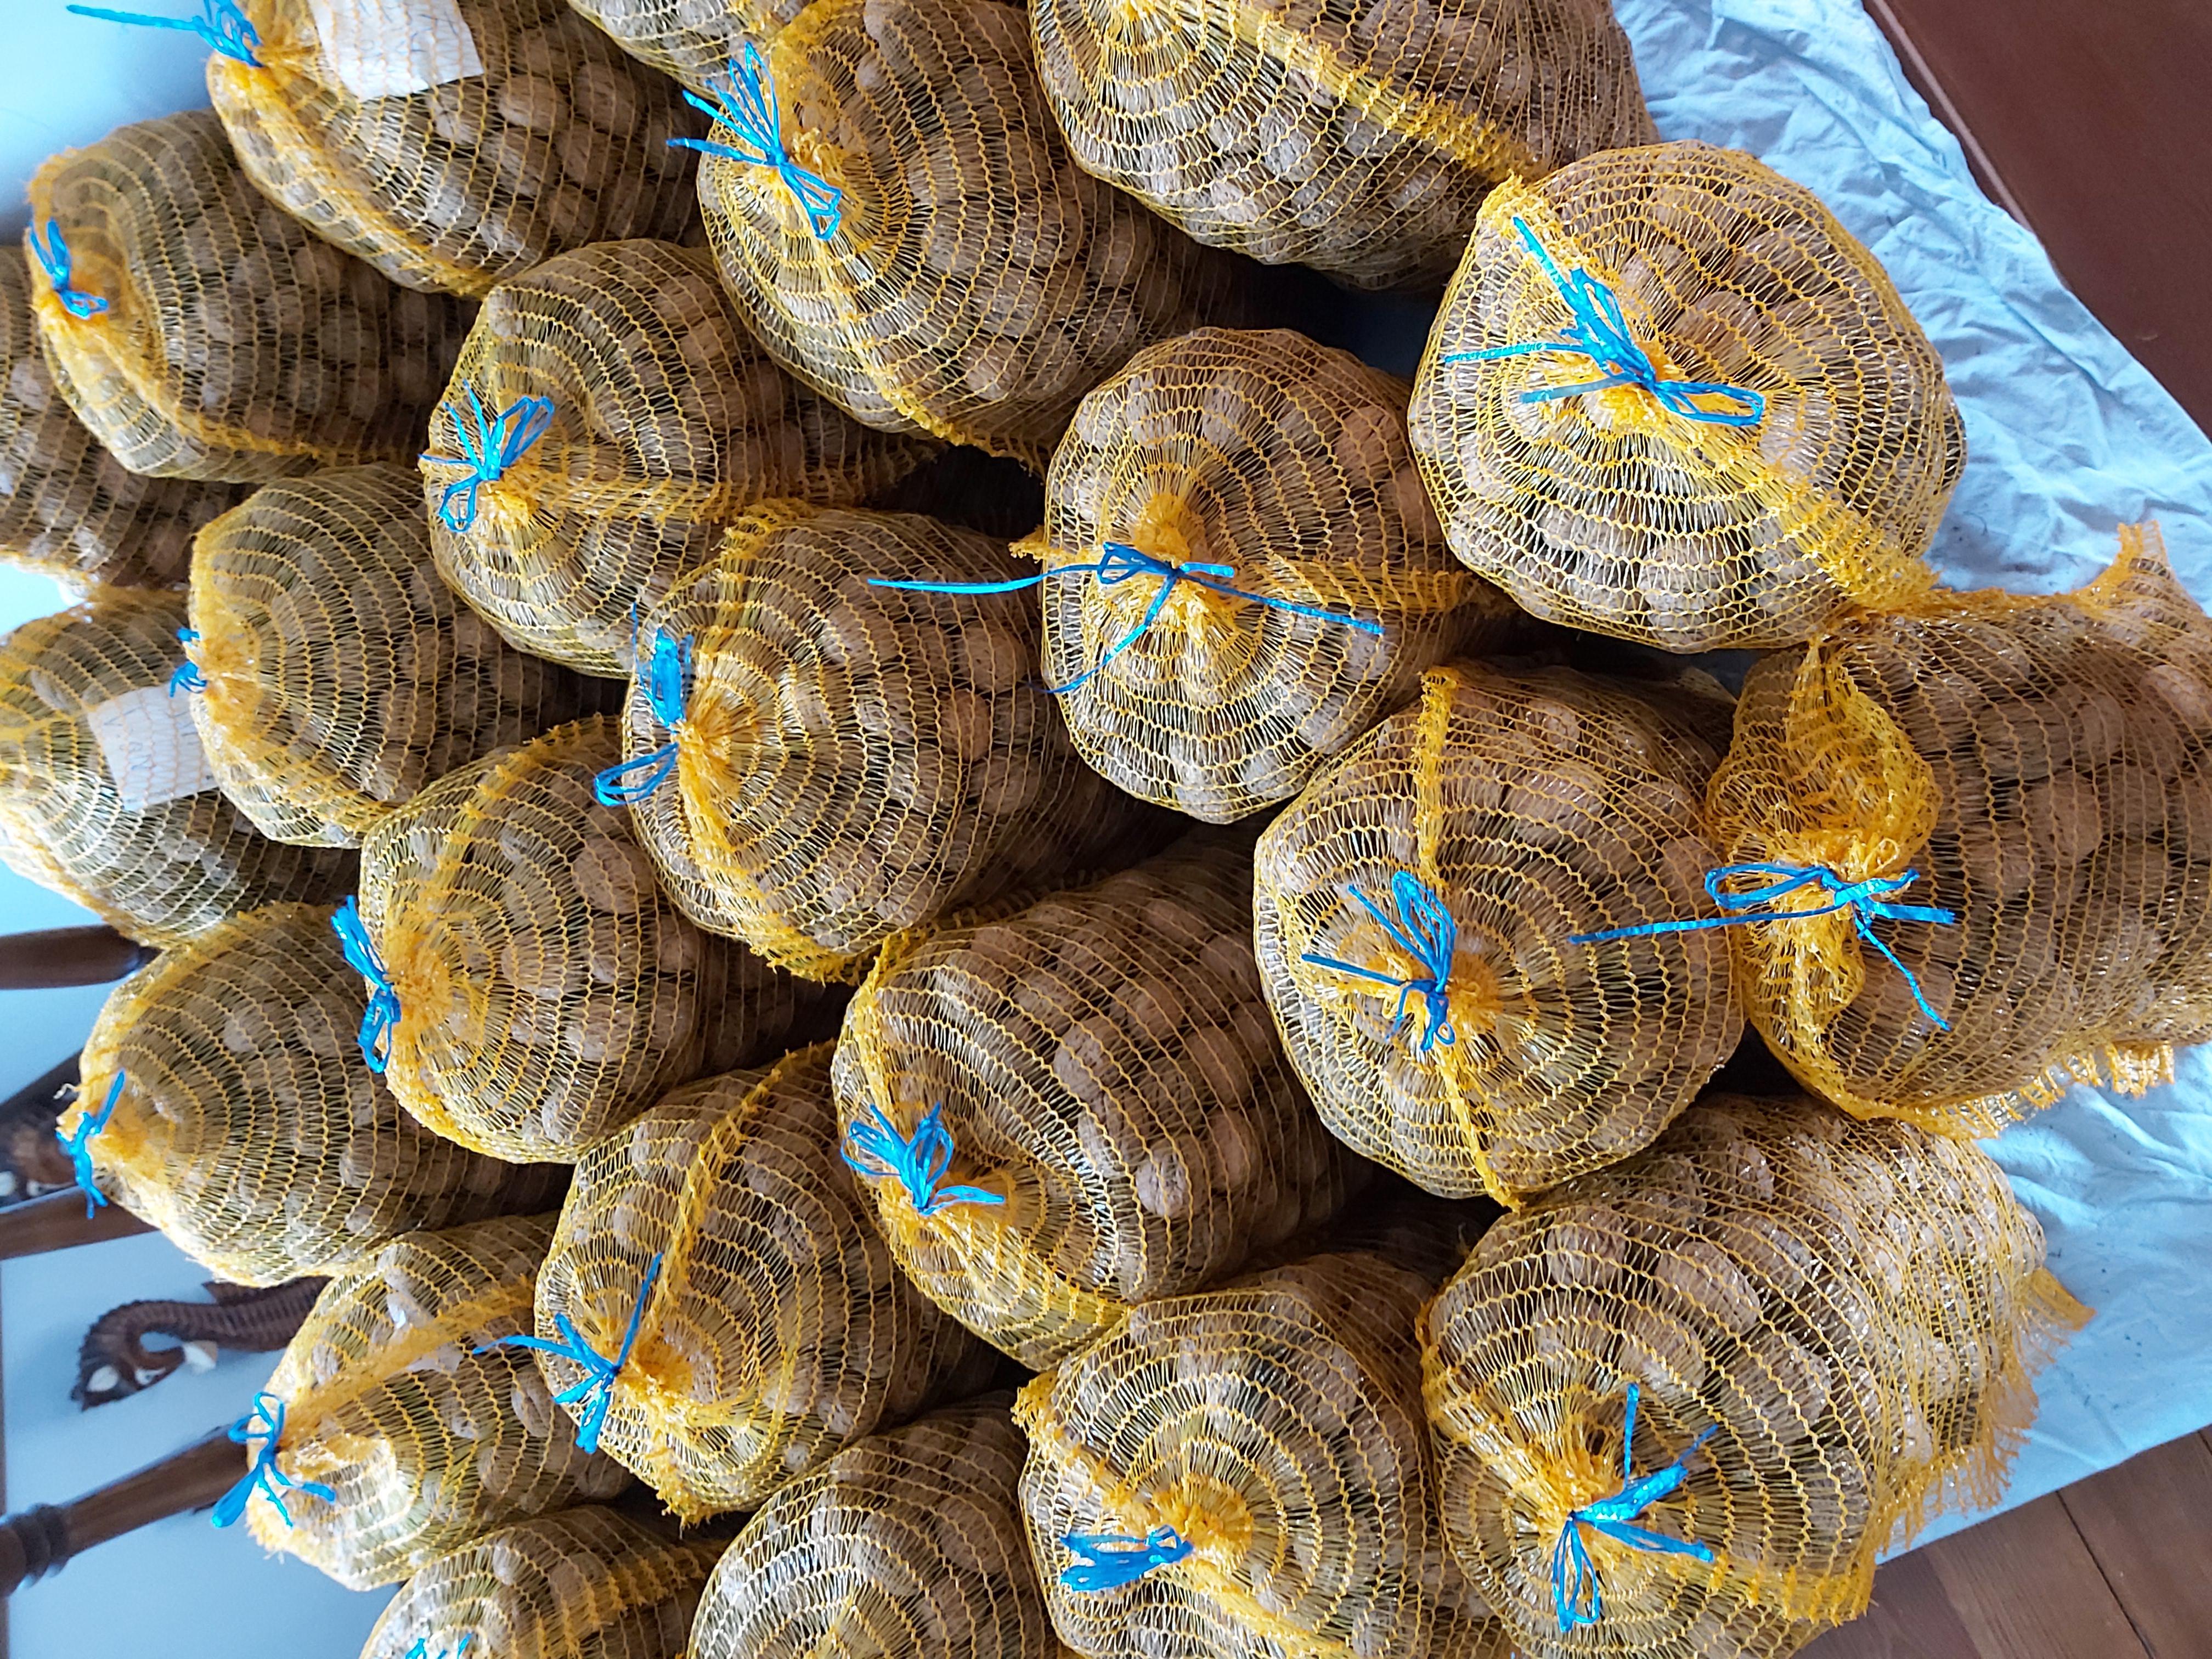 Ceviz - Üretici Ismail Karakurt 23 tl fiyat ile 200 kilogram chandler çeşidi ceviz satmak istiyor